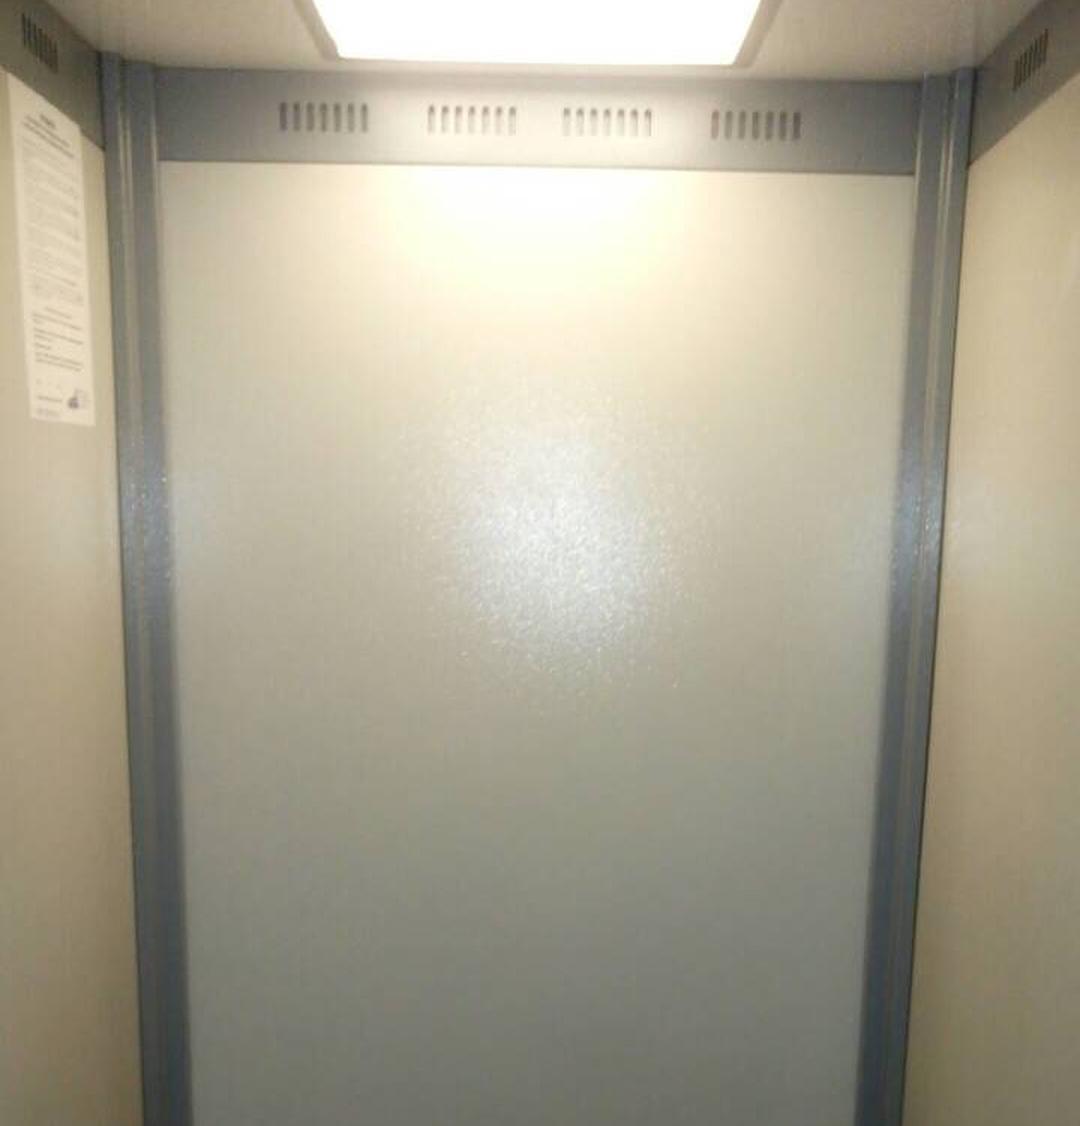 Капитальный ремонт лифта. Замена обшивки кабины